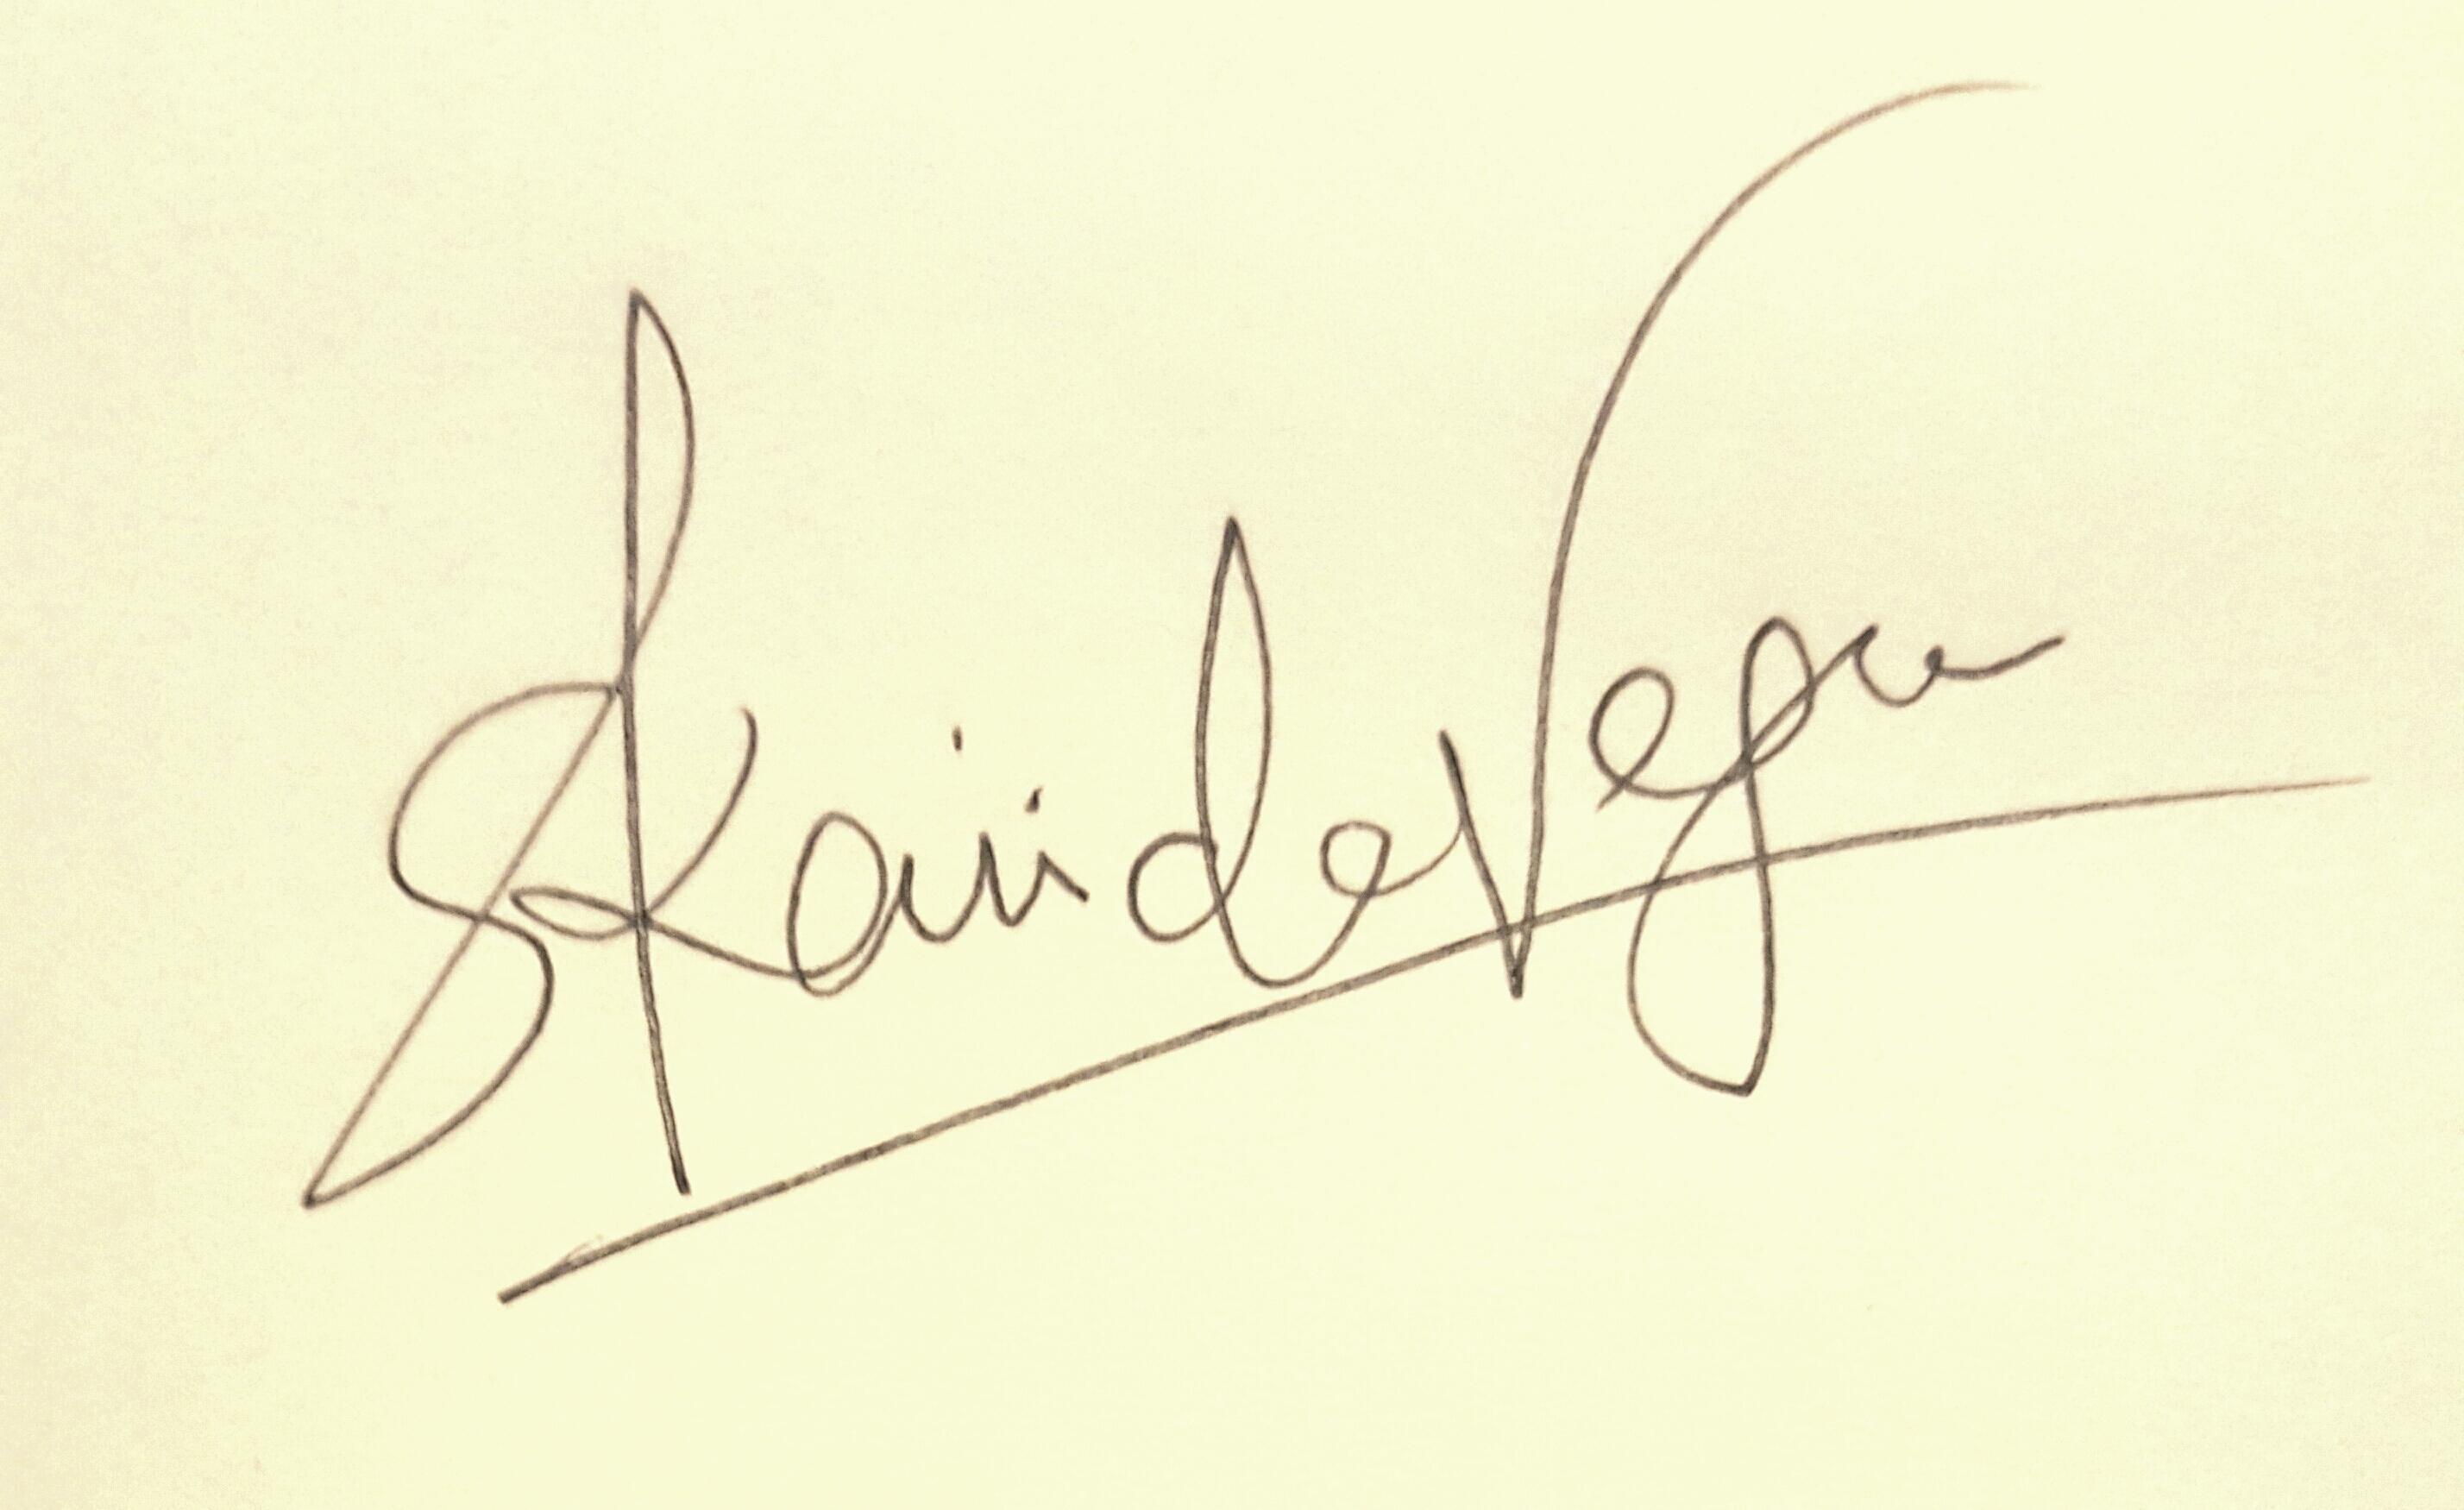 skaiidevega's Signature